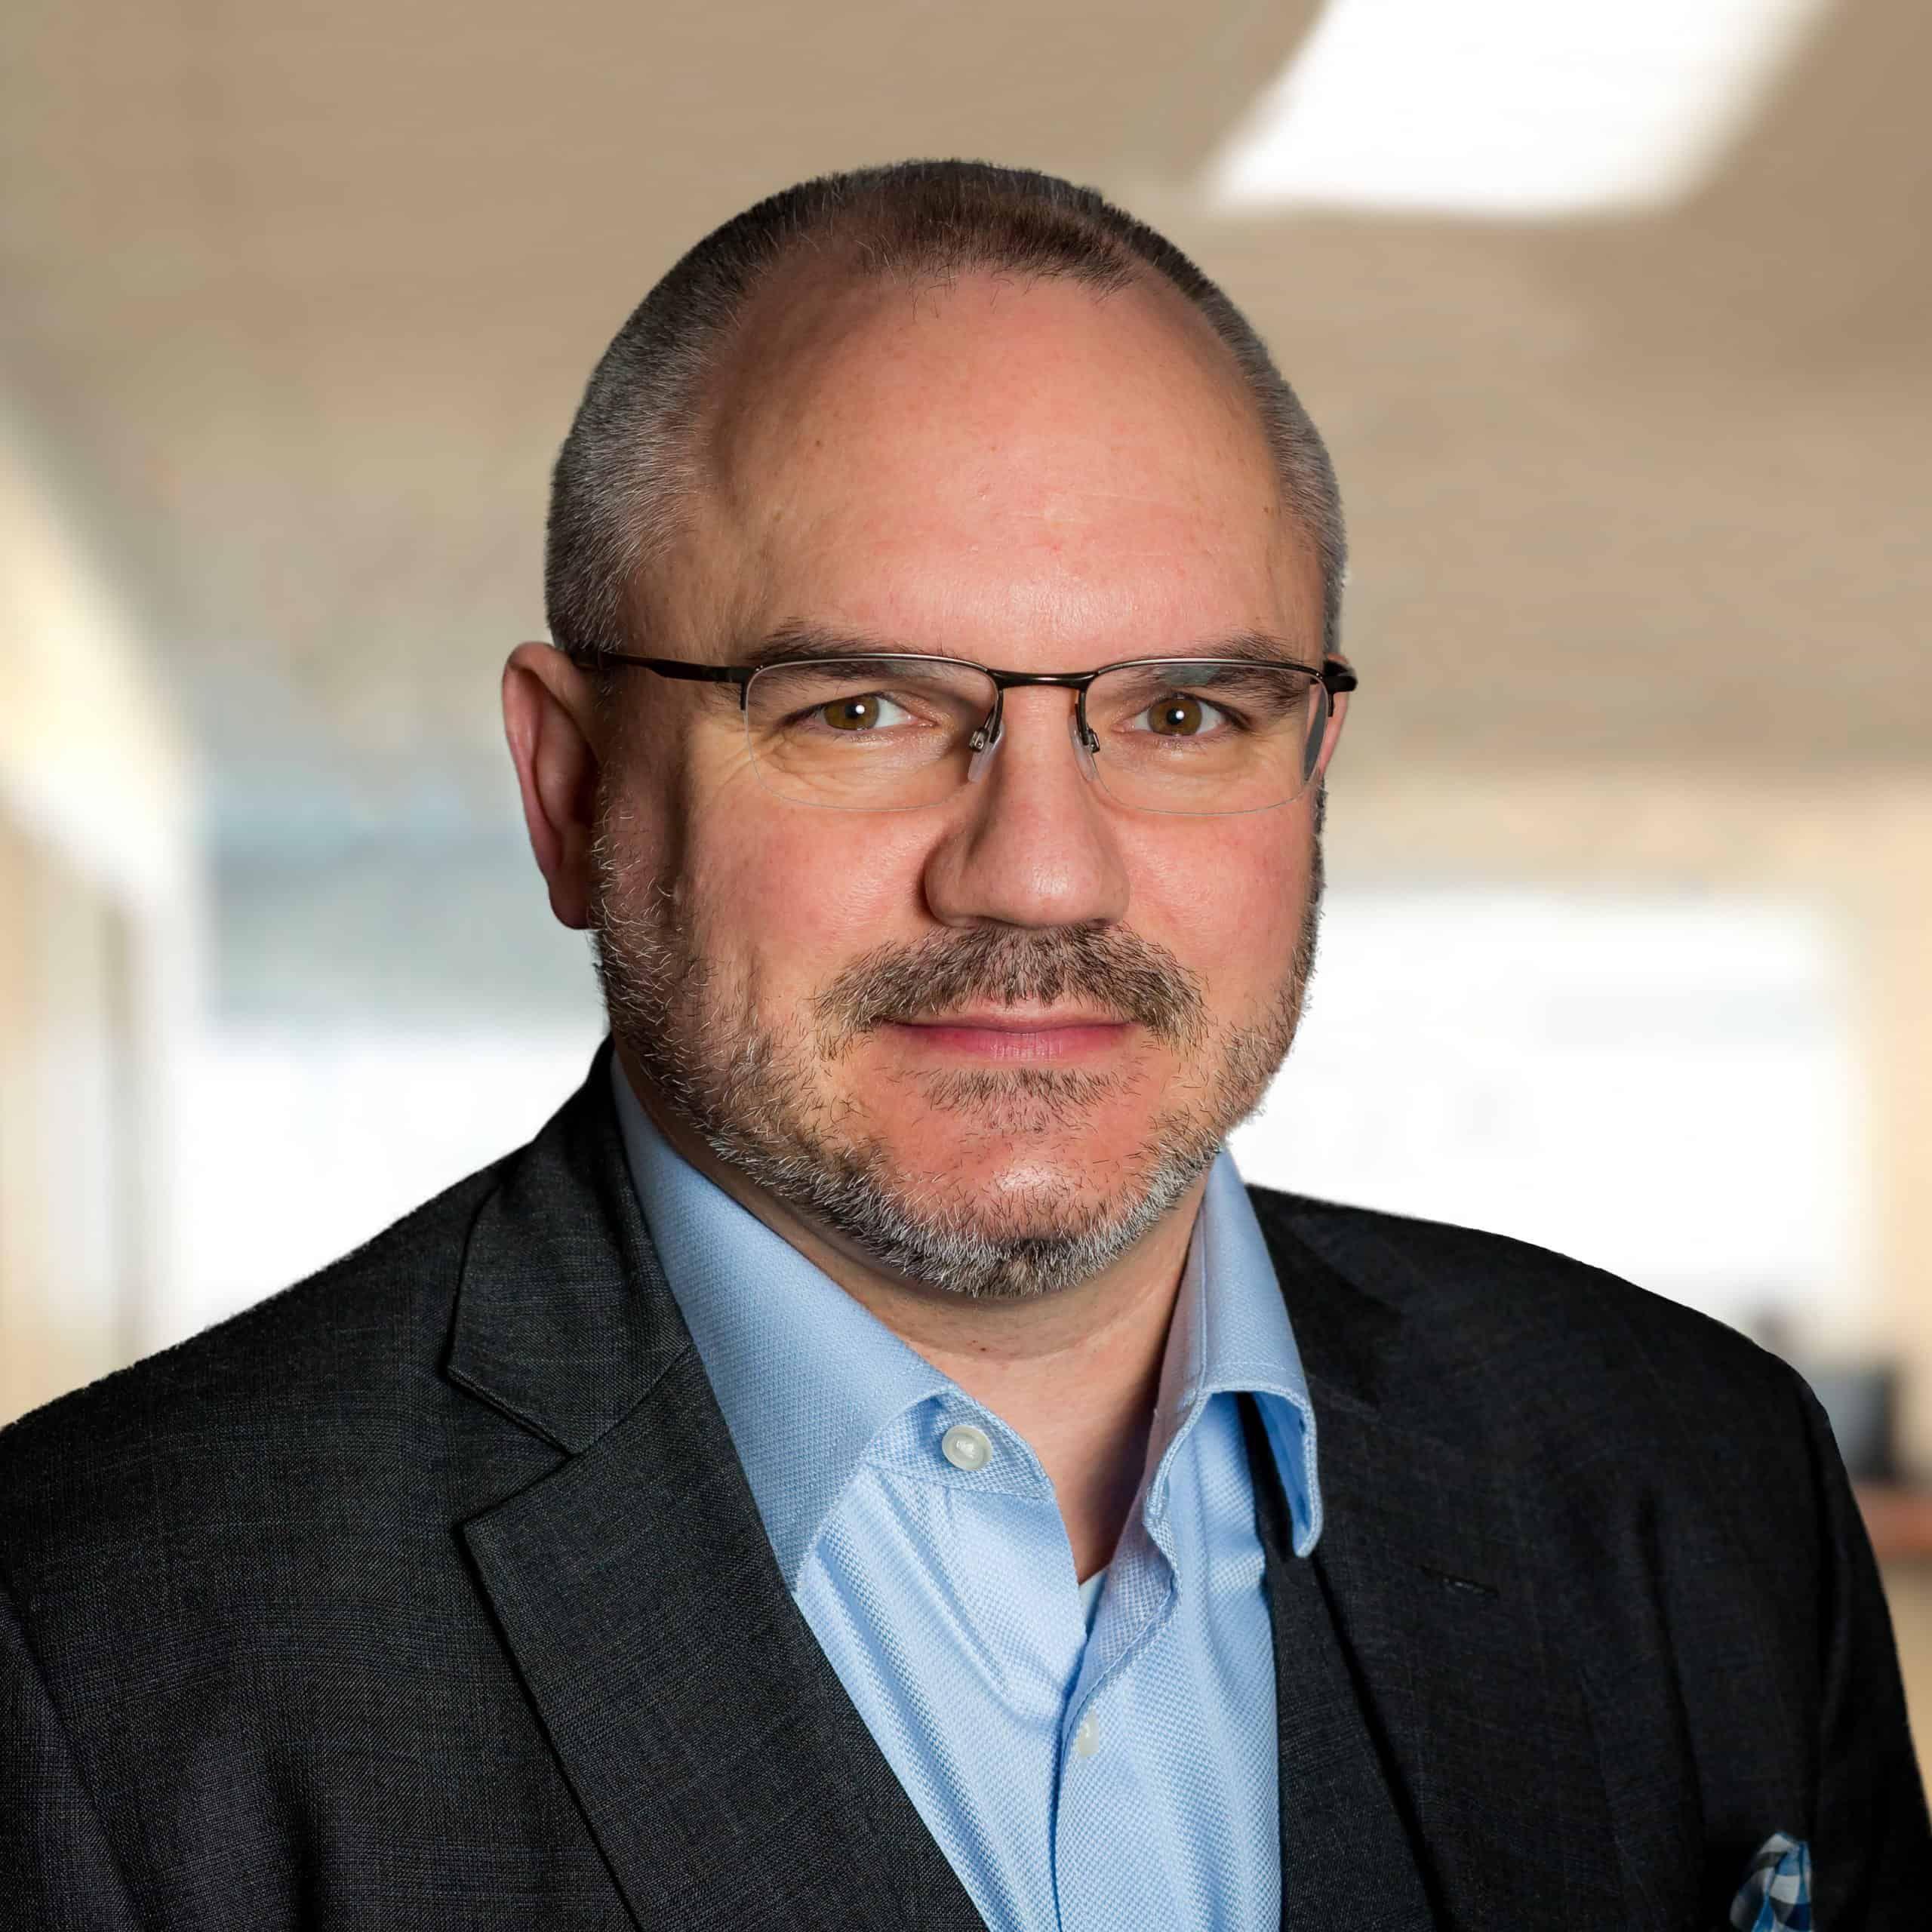 Martin Murtland